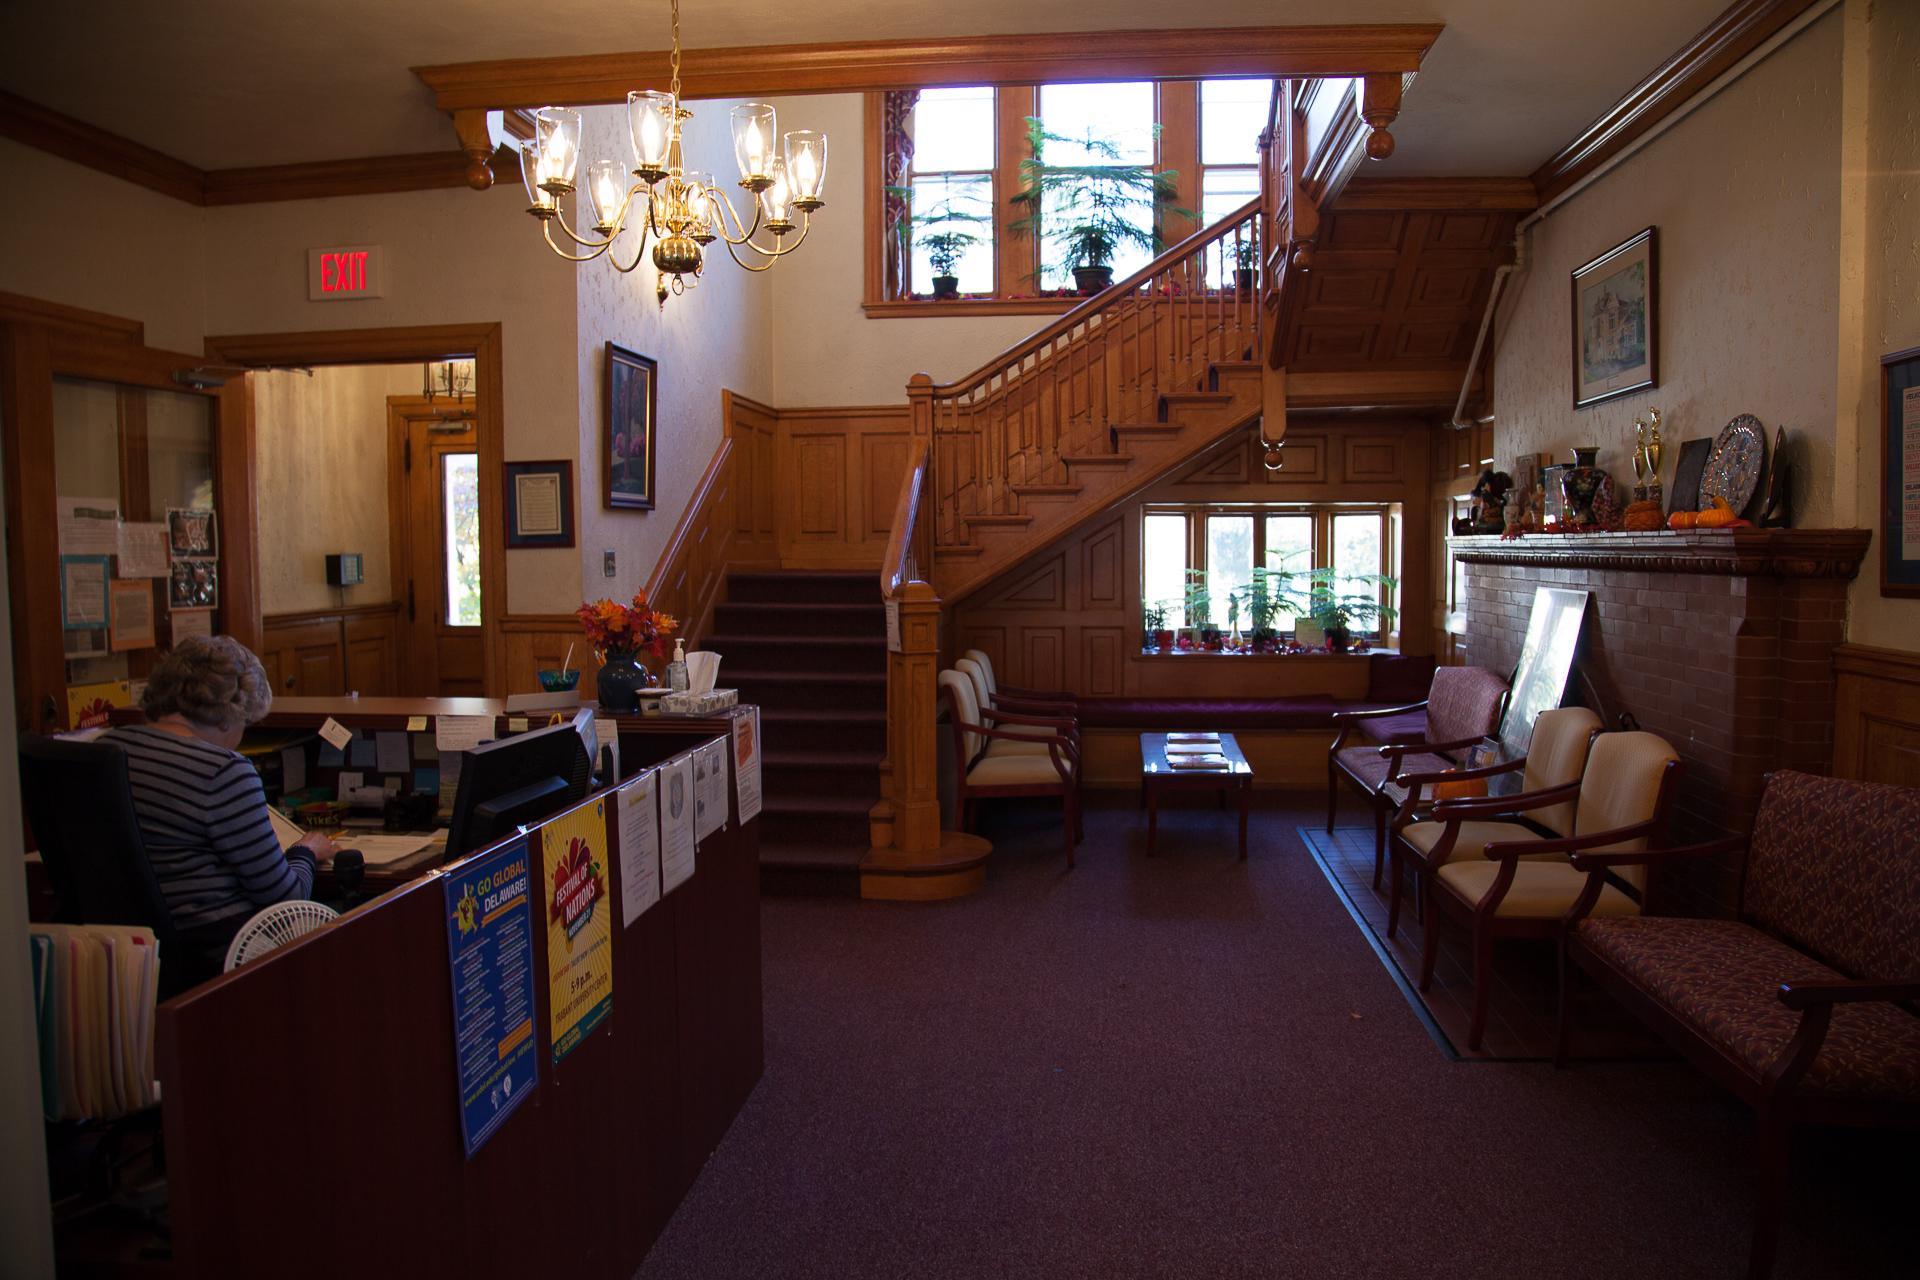 ELI lobby, 189 West Main St.